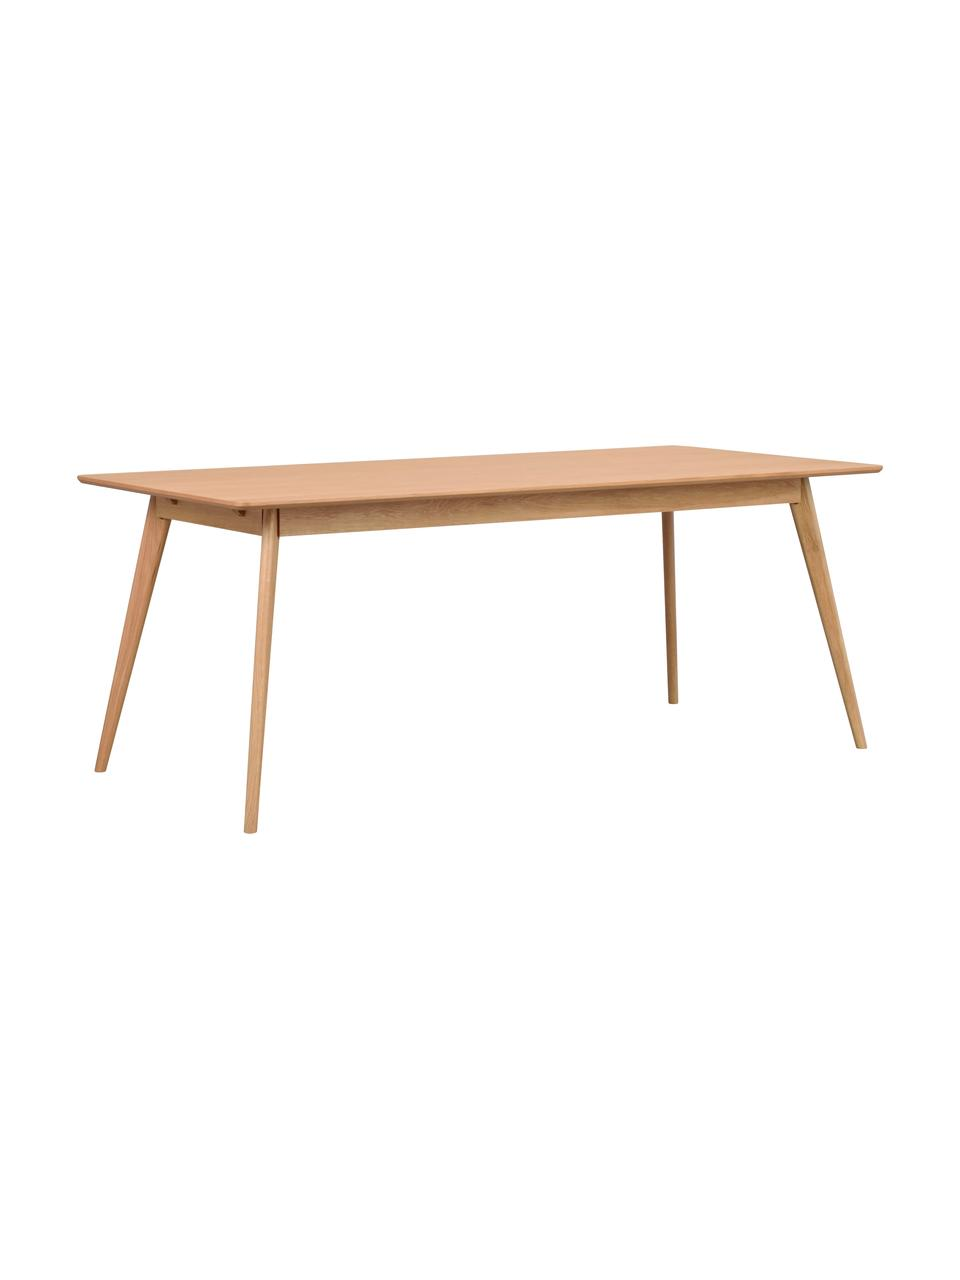 Stół do jadalni z drewna Yumi, Blat: płyta pilśniowa średniej , Nogi: drewno kauczukowe, lite, , Drewno dębowe, S 190 x G 90 cm